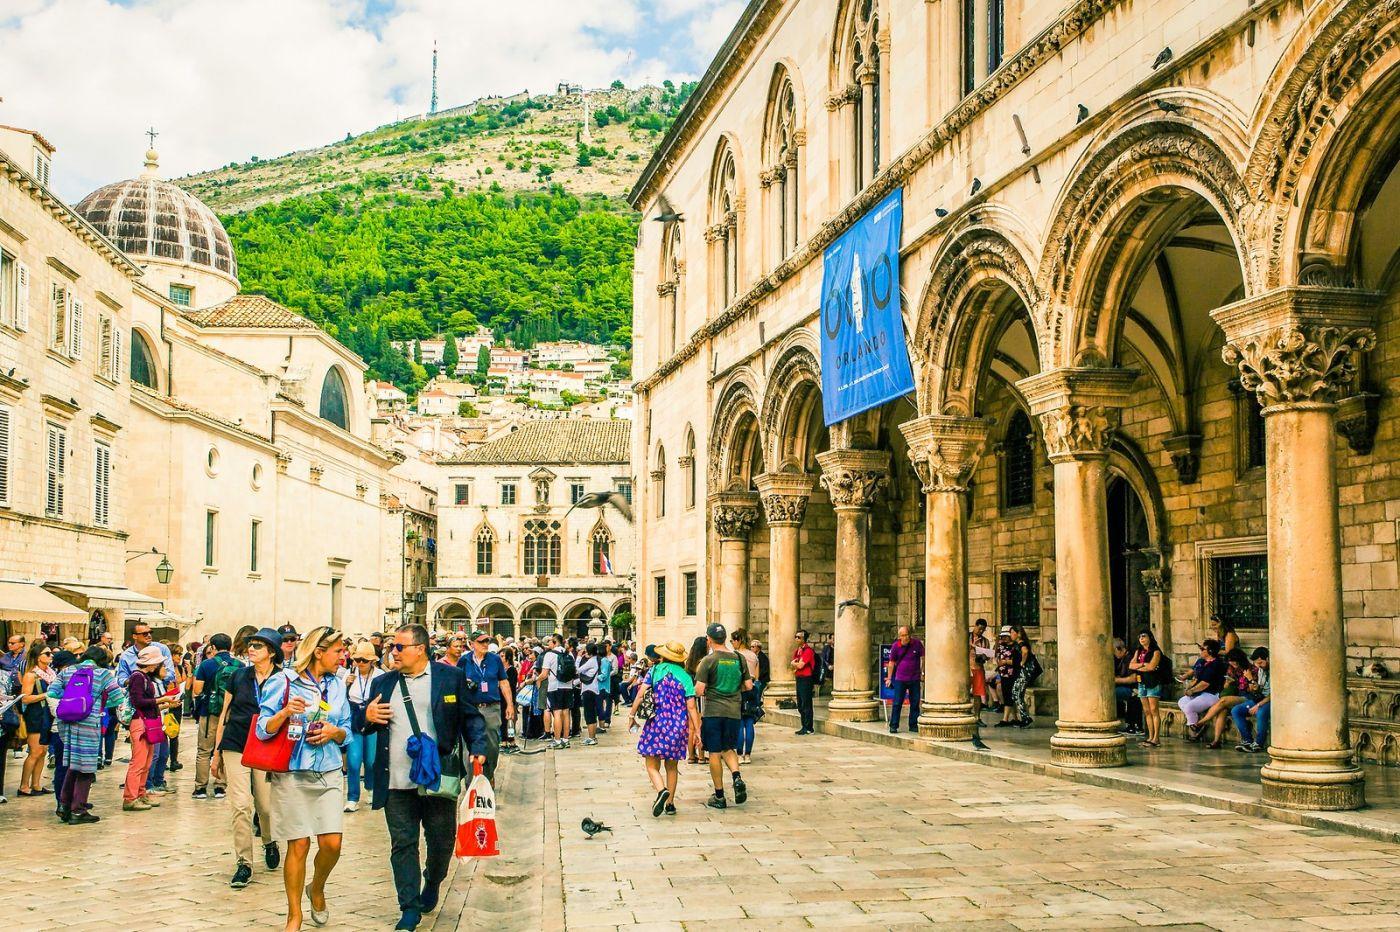 克罗地亚杜布罗夫尼克(Dubrovnik),古城小巷_图1-30